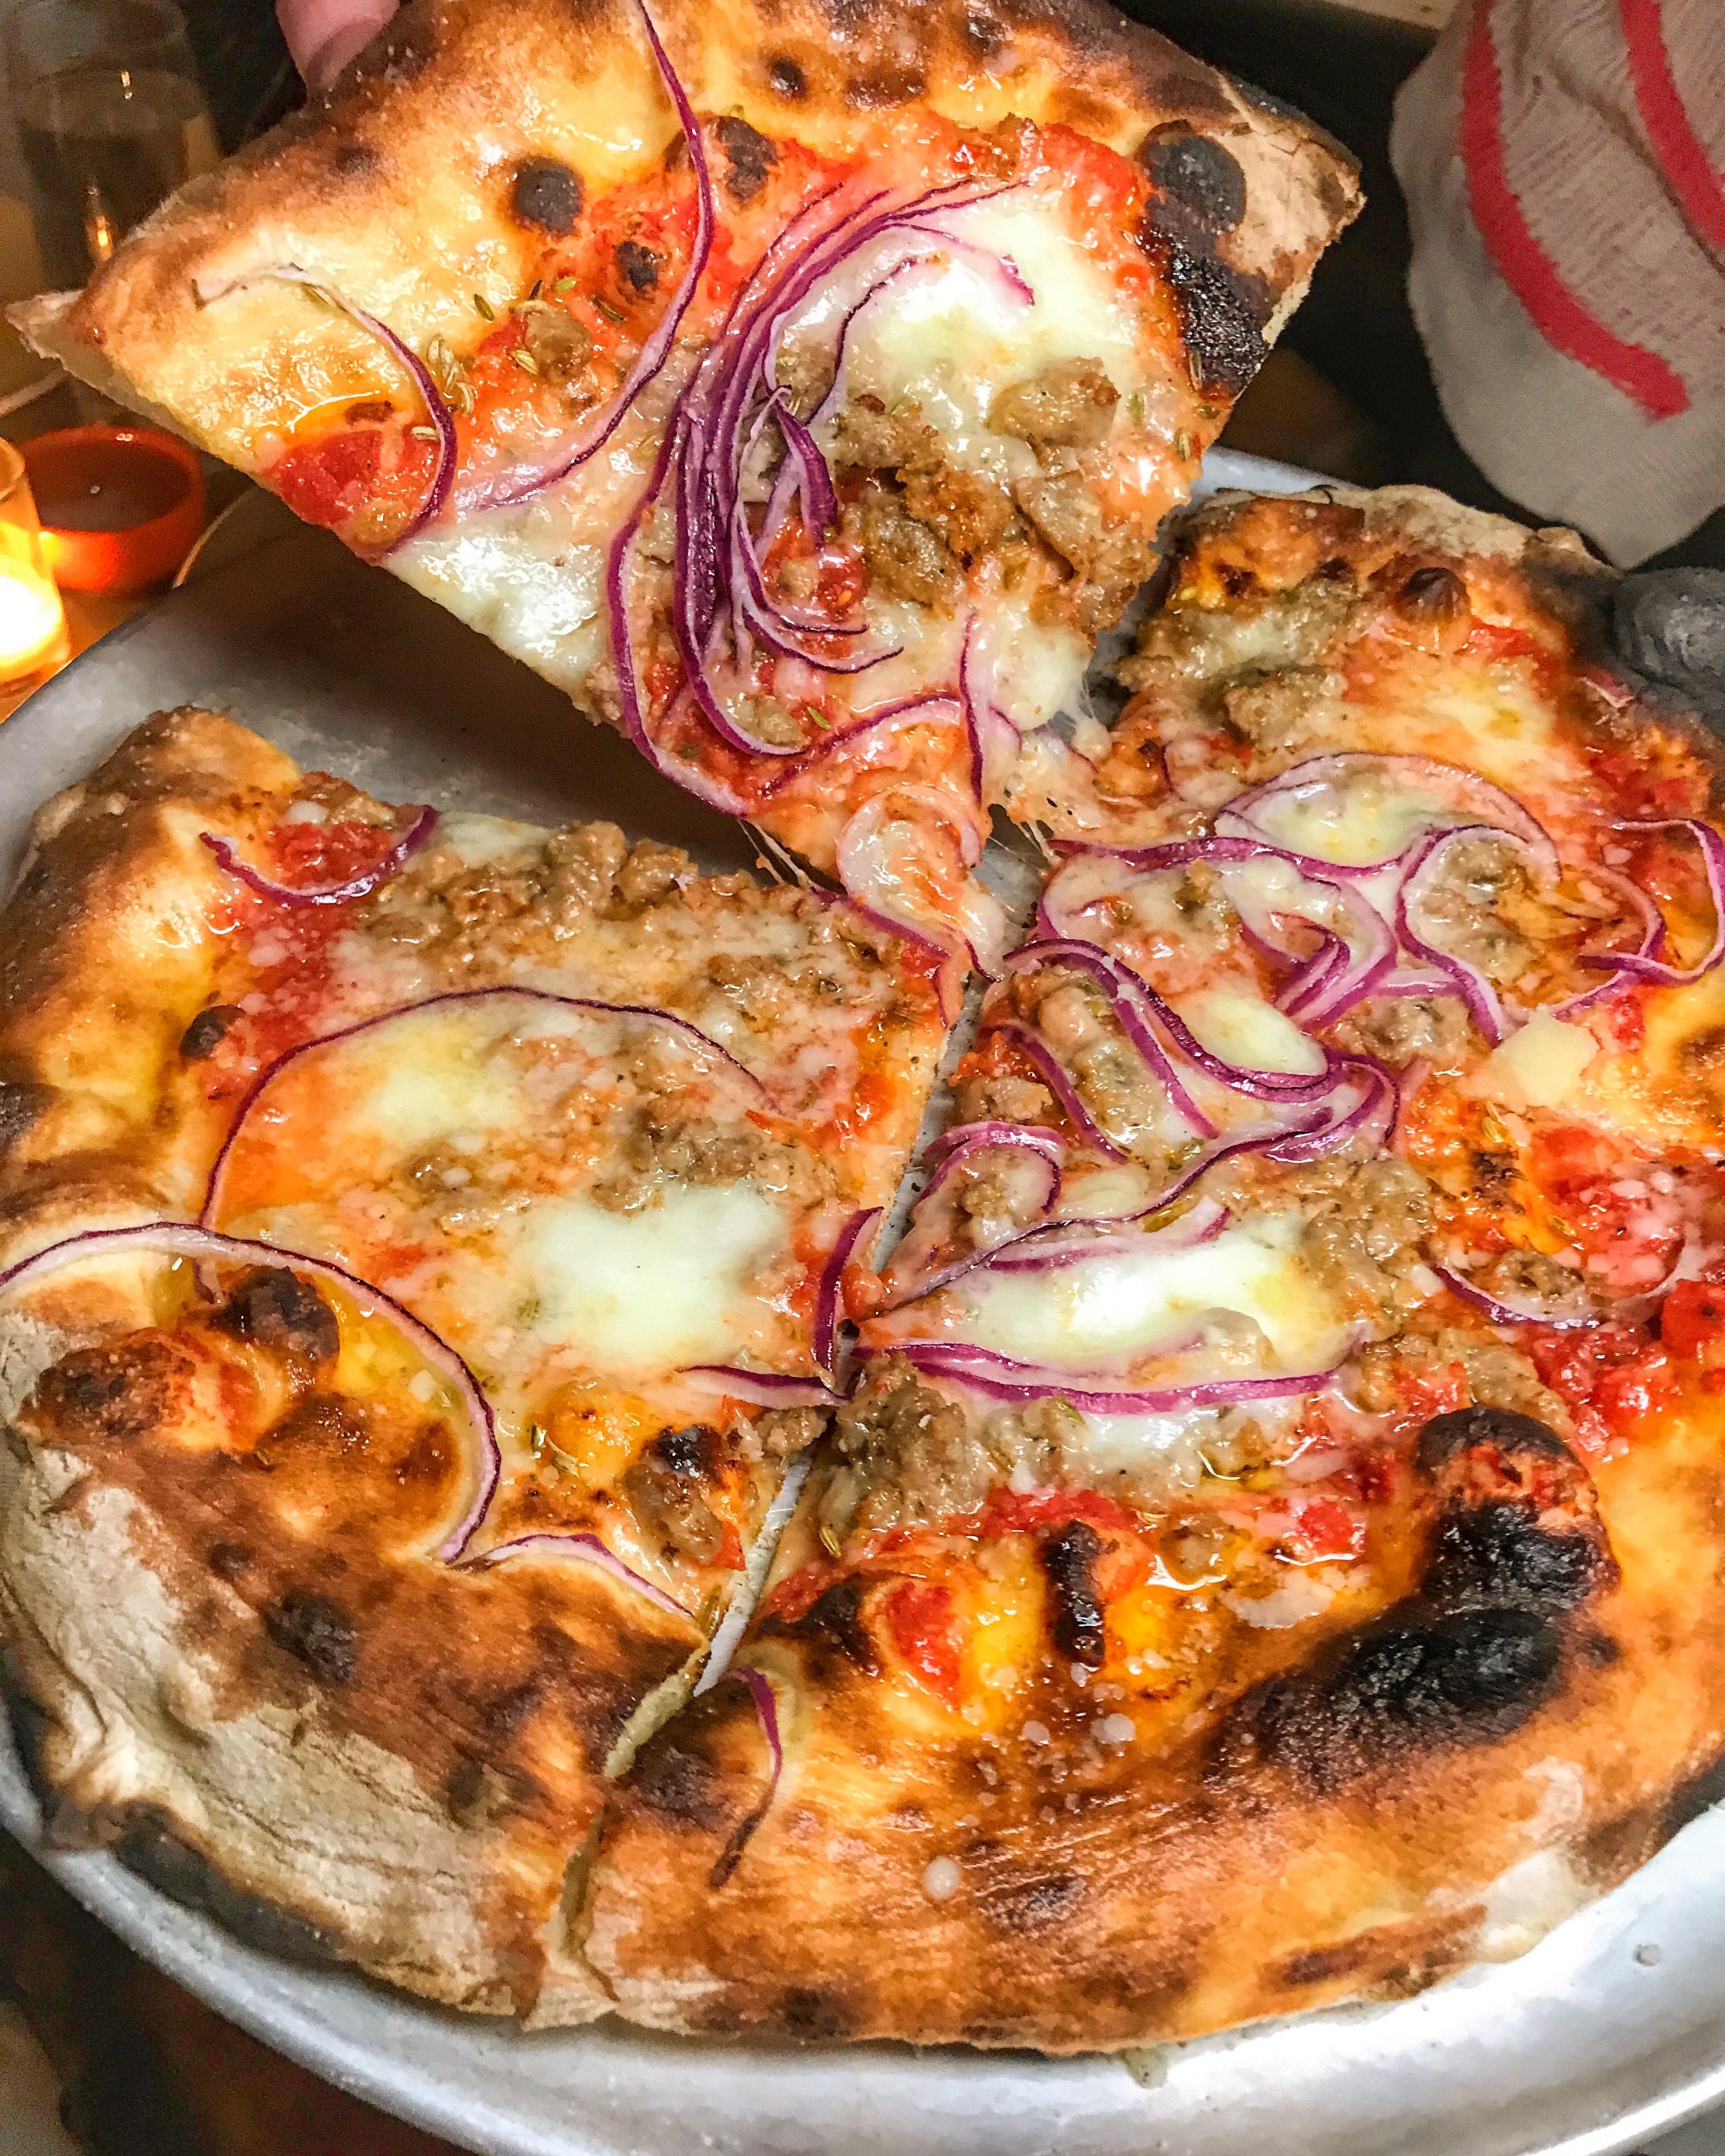 Let's talk about a beautiful pizza pie from Pizzeria Sirentta with tomato,  fennel sausage, onions, oregano, buffalo mozzarella.